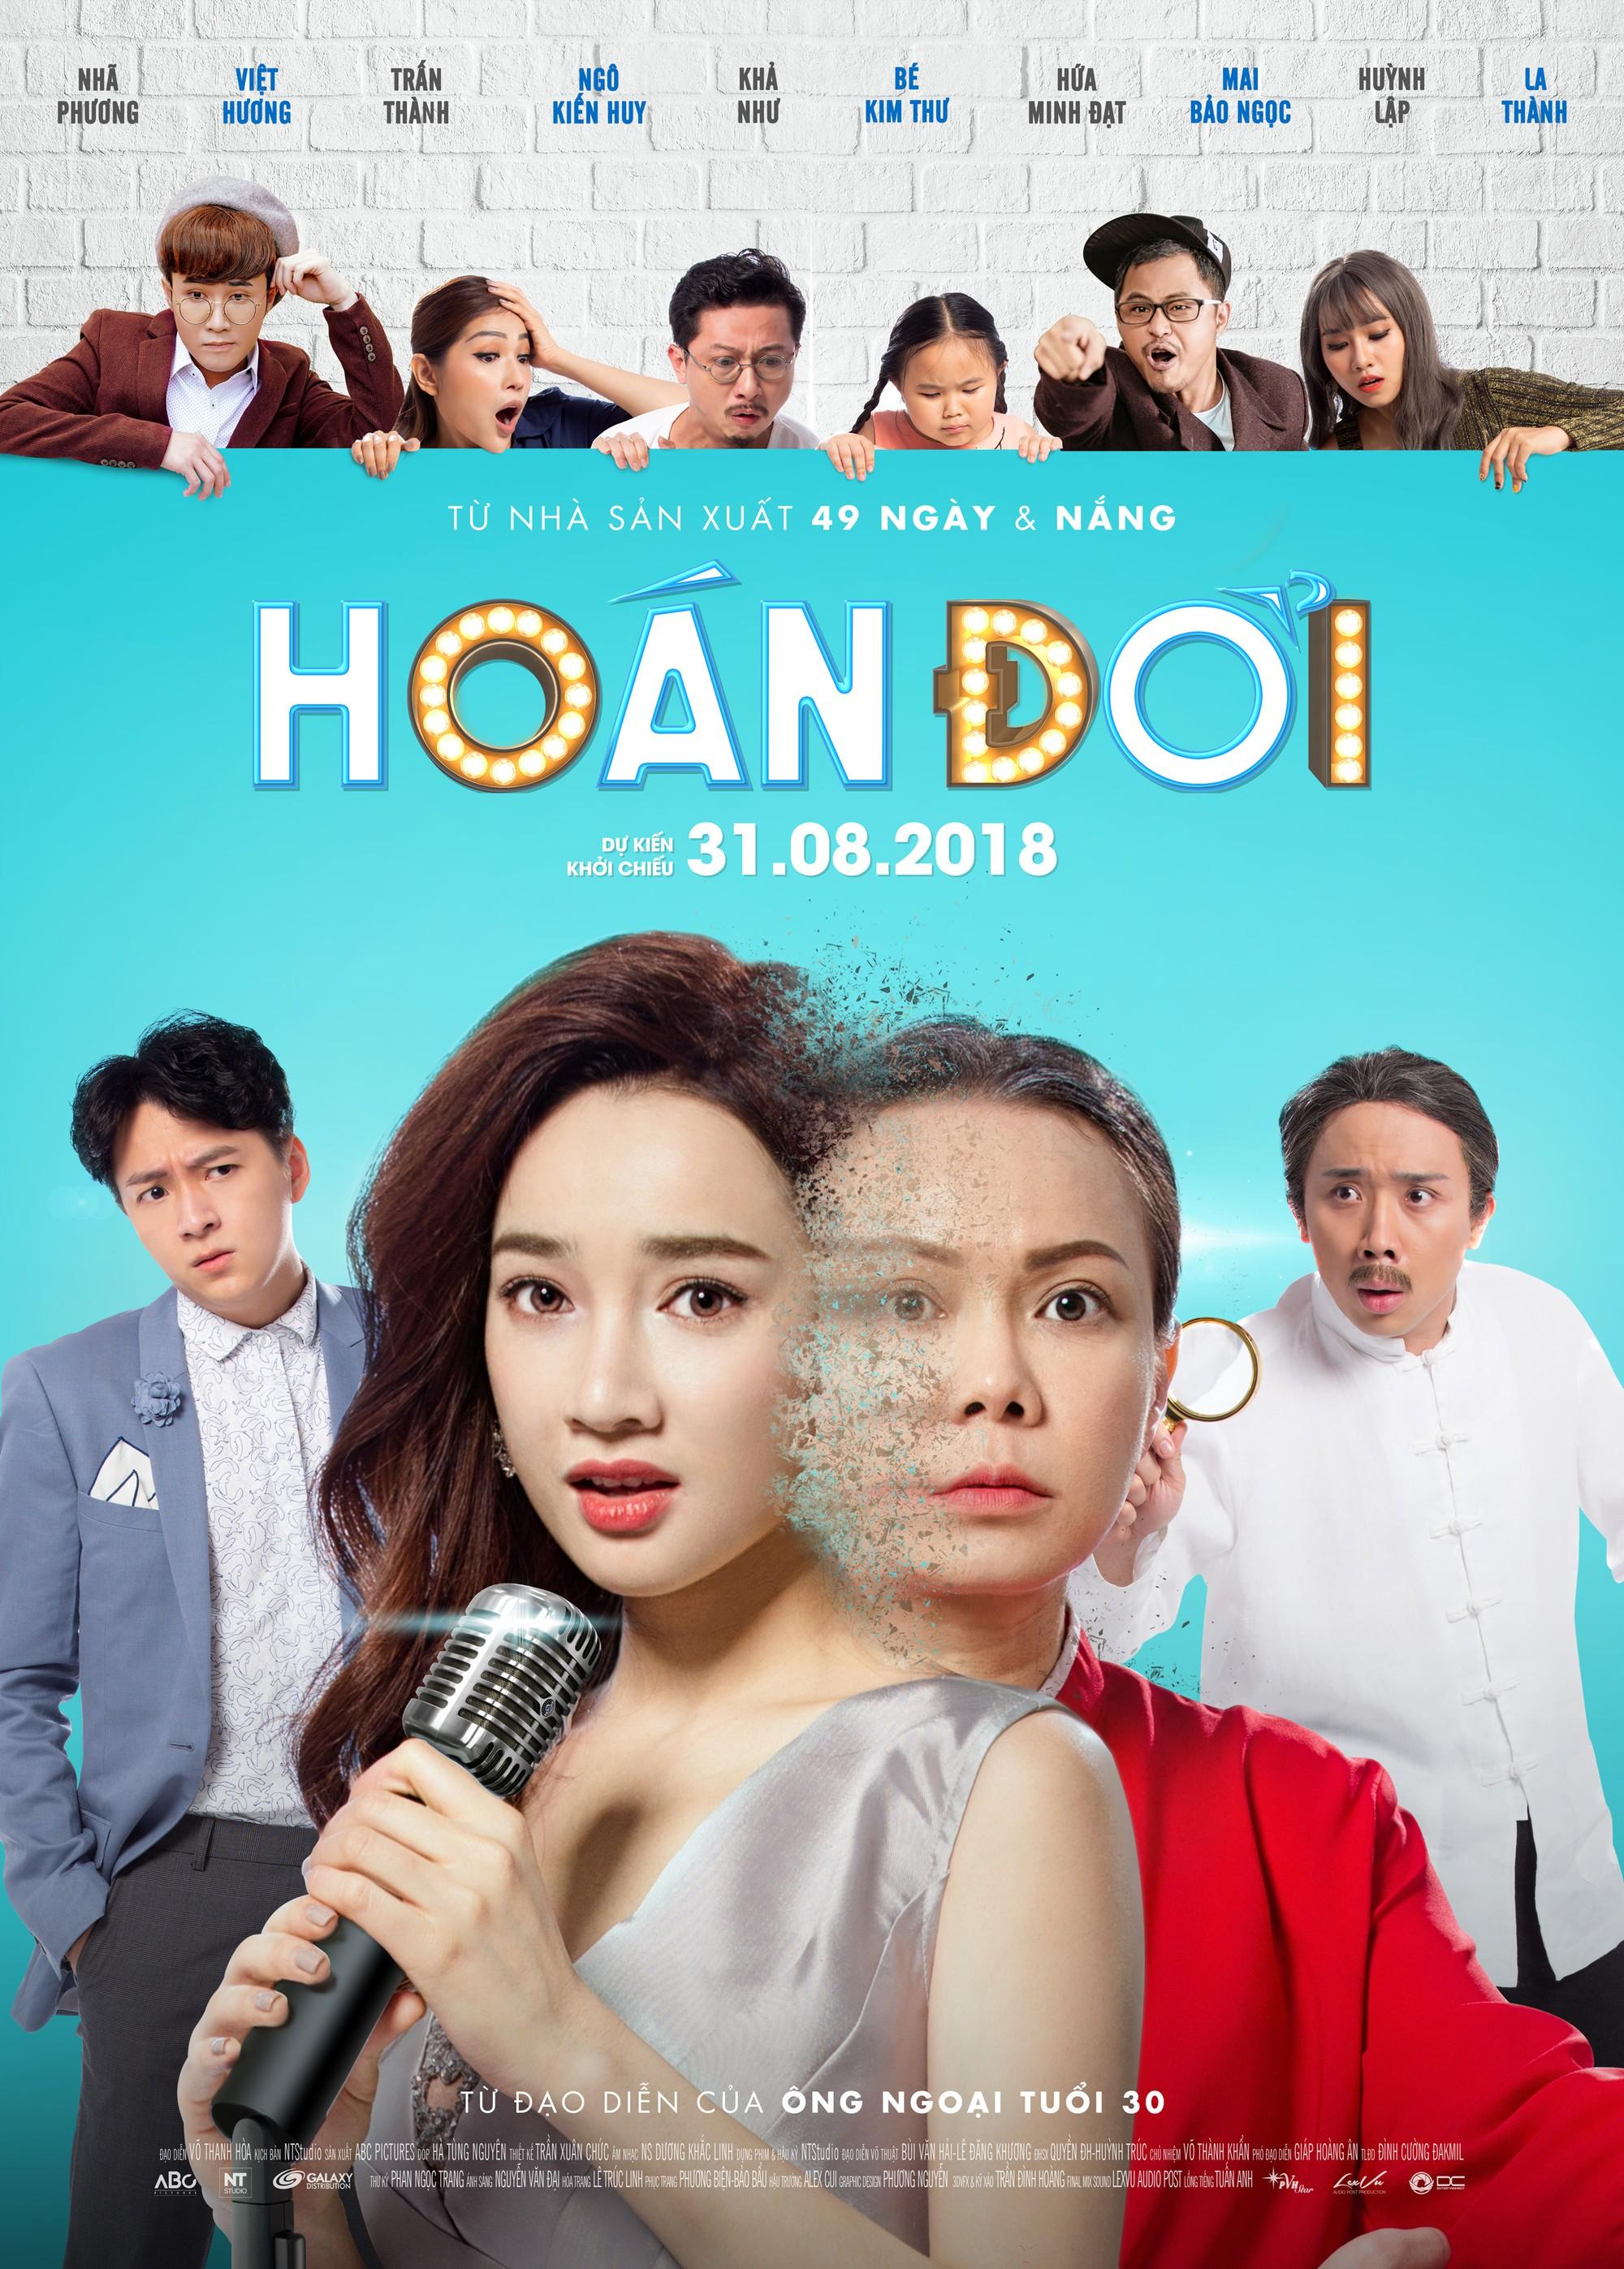 Nhã Phương, Việt Hương xuất hiện với hình ảnh quá sai - Ảnh 2.